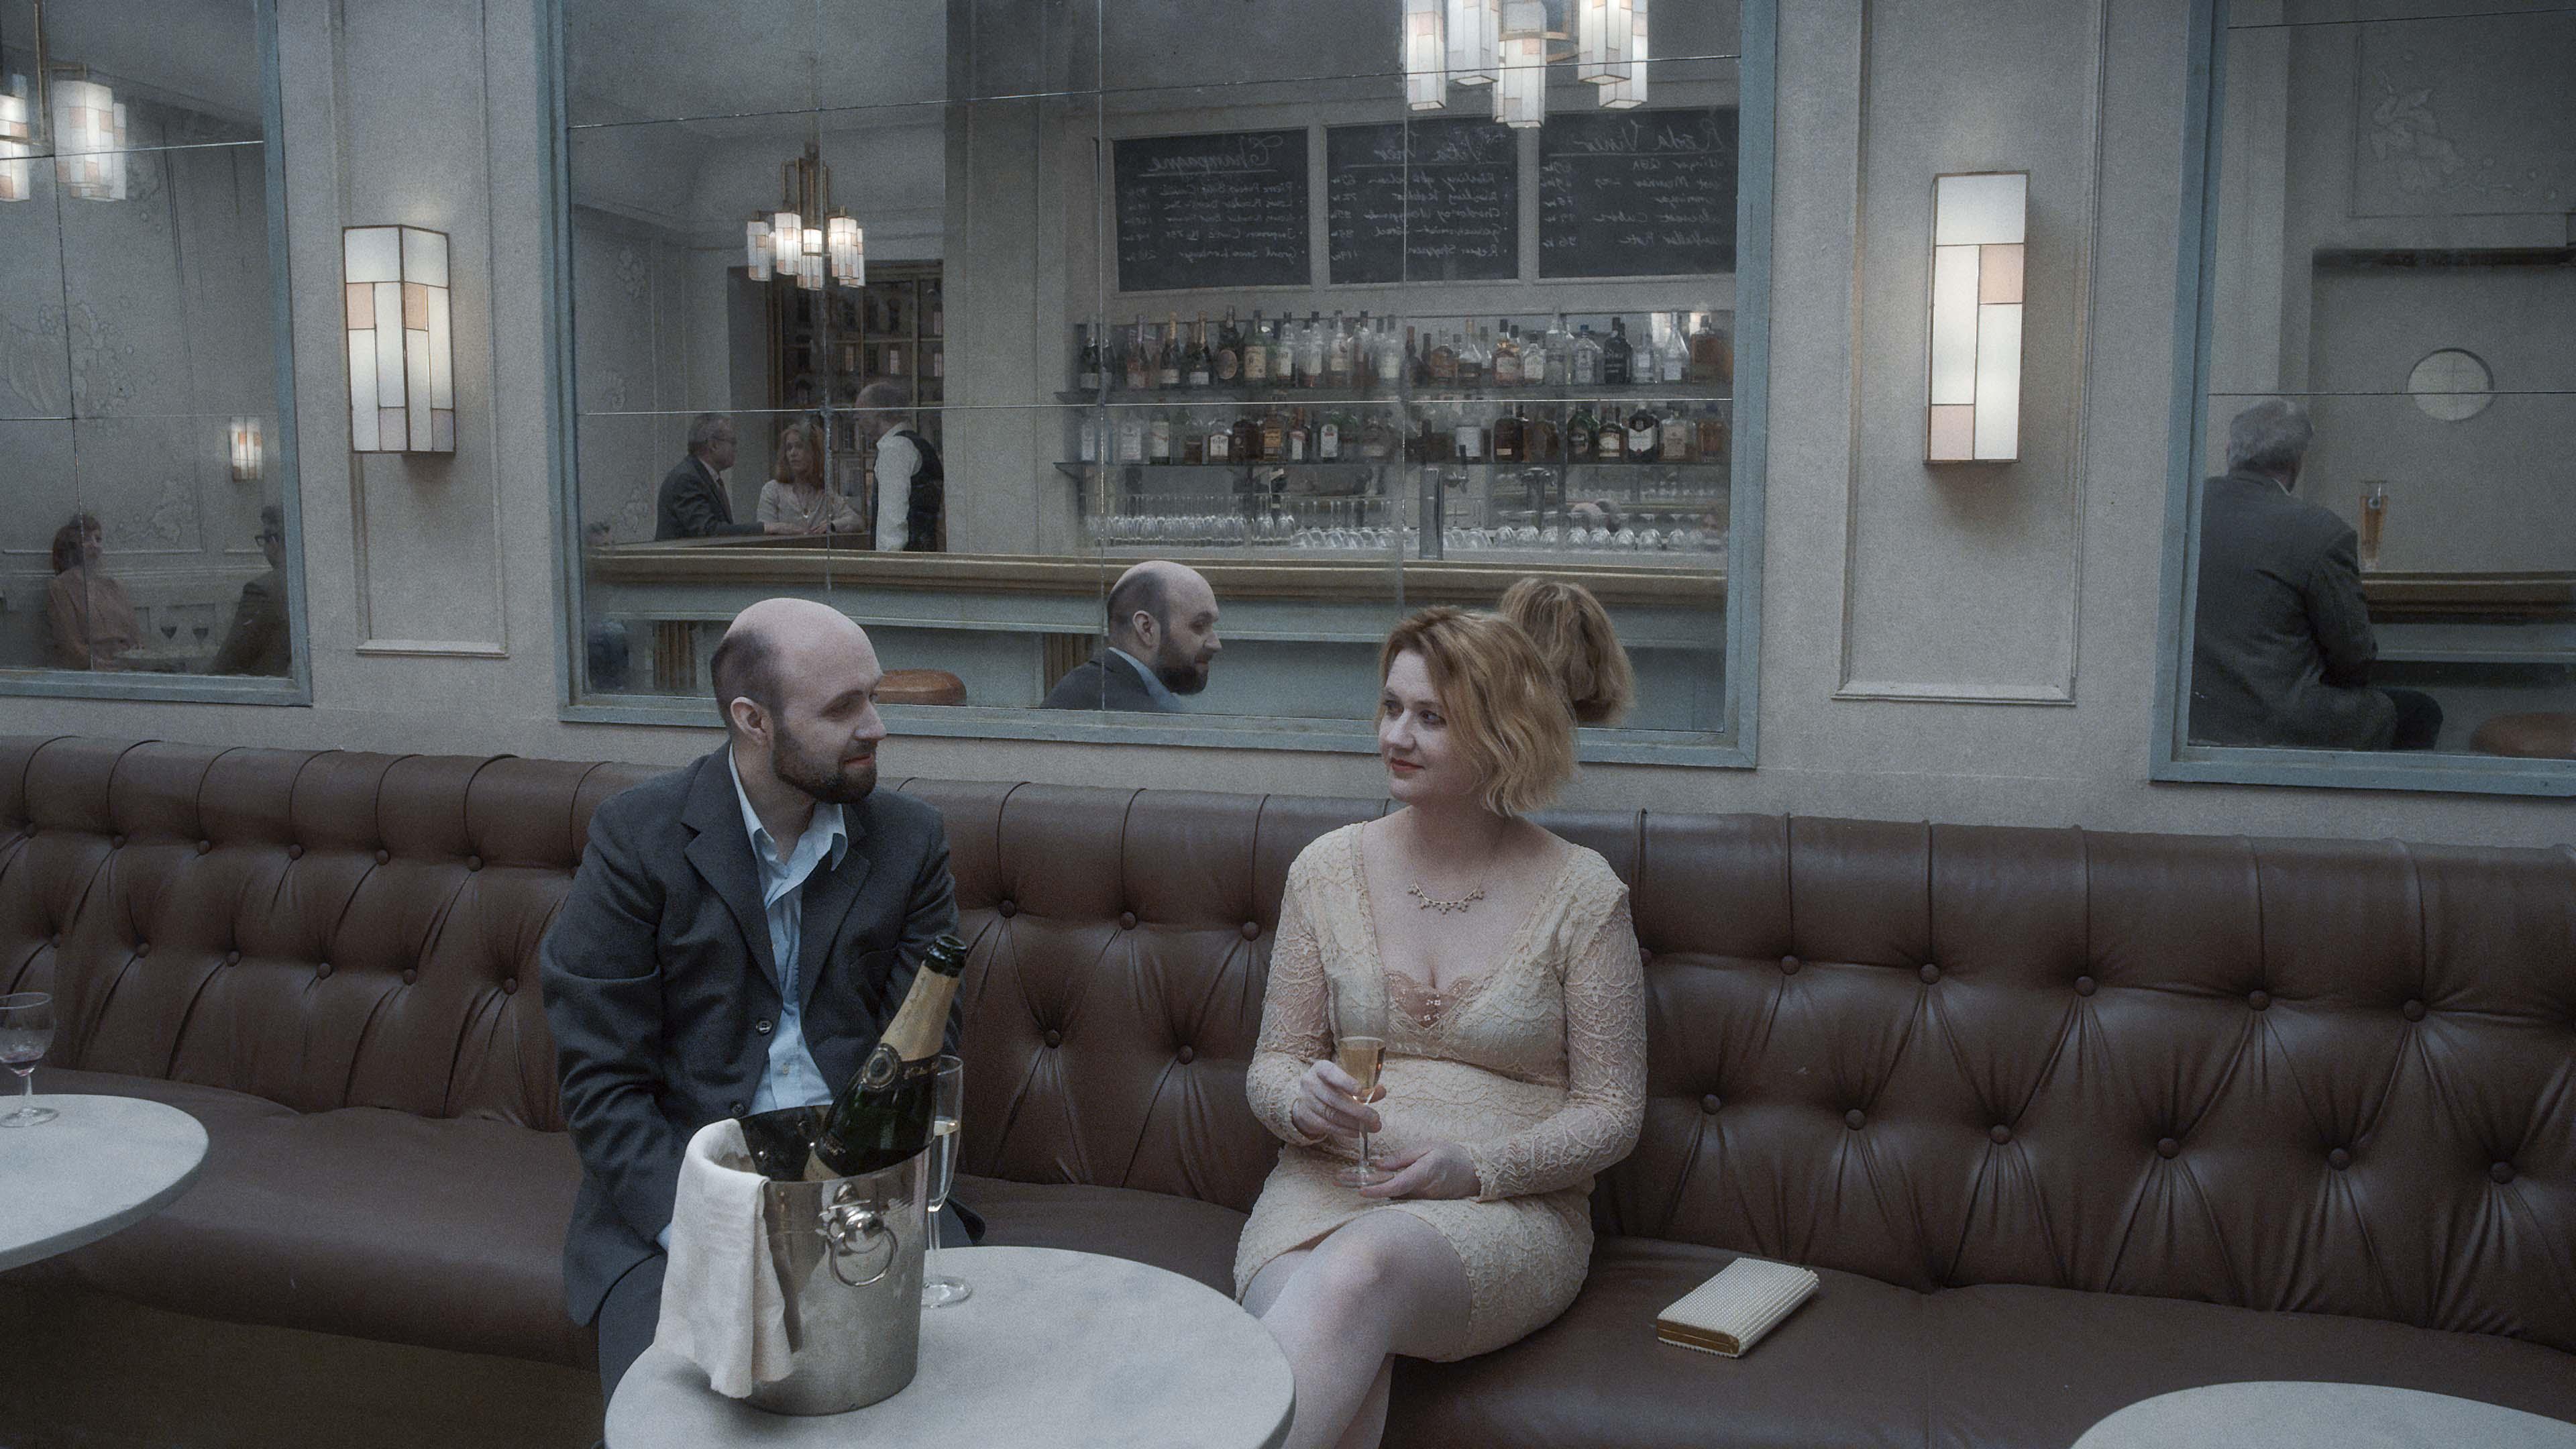 Lisa Blohm and Pär Fredriksson in Om det oändliga (2019)